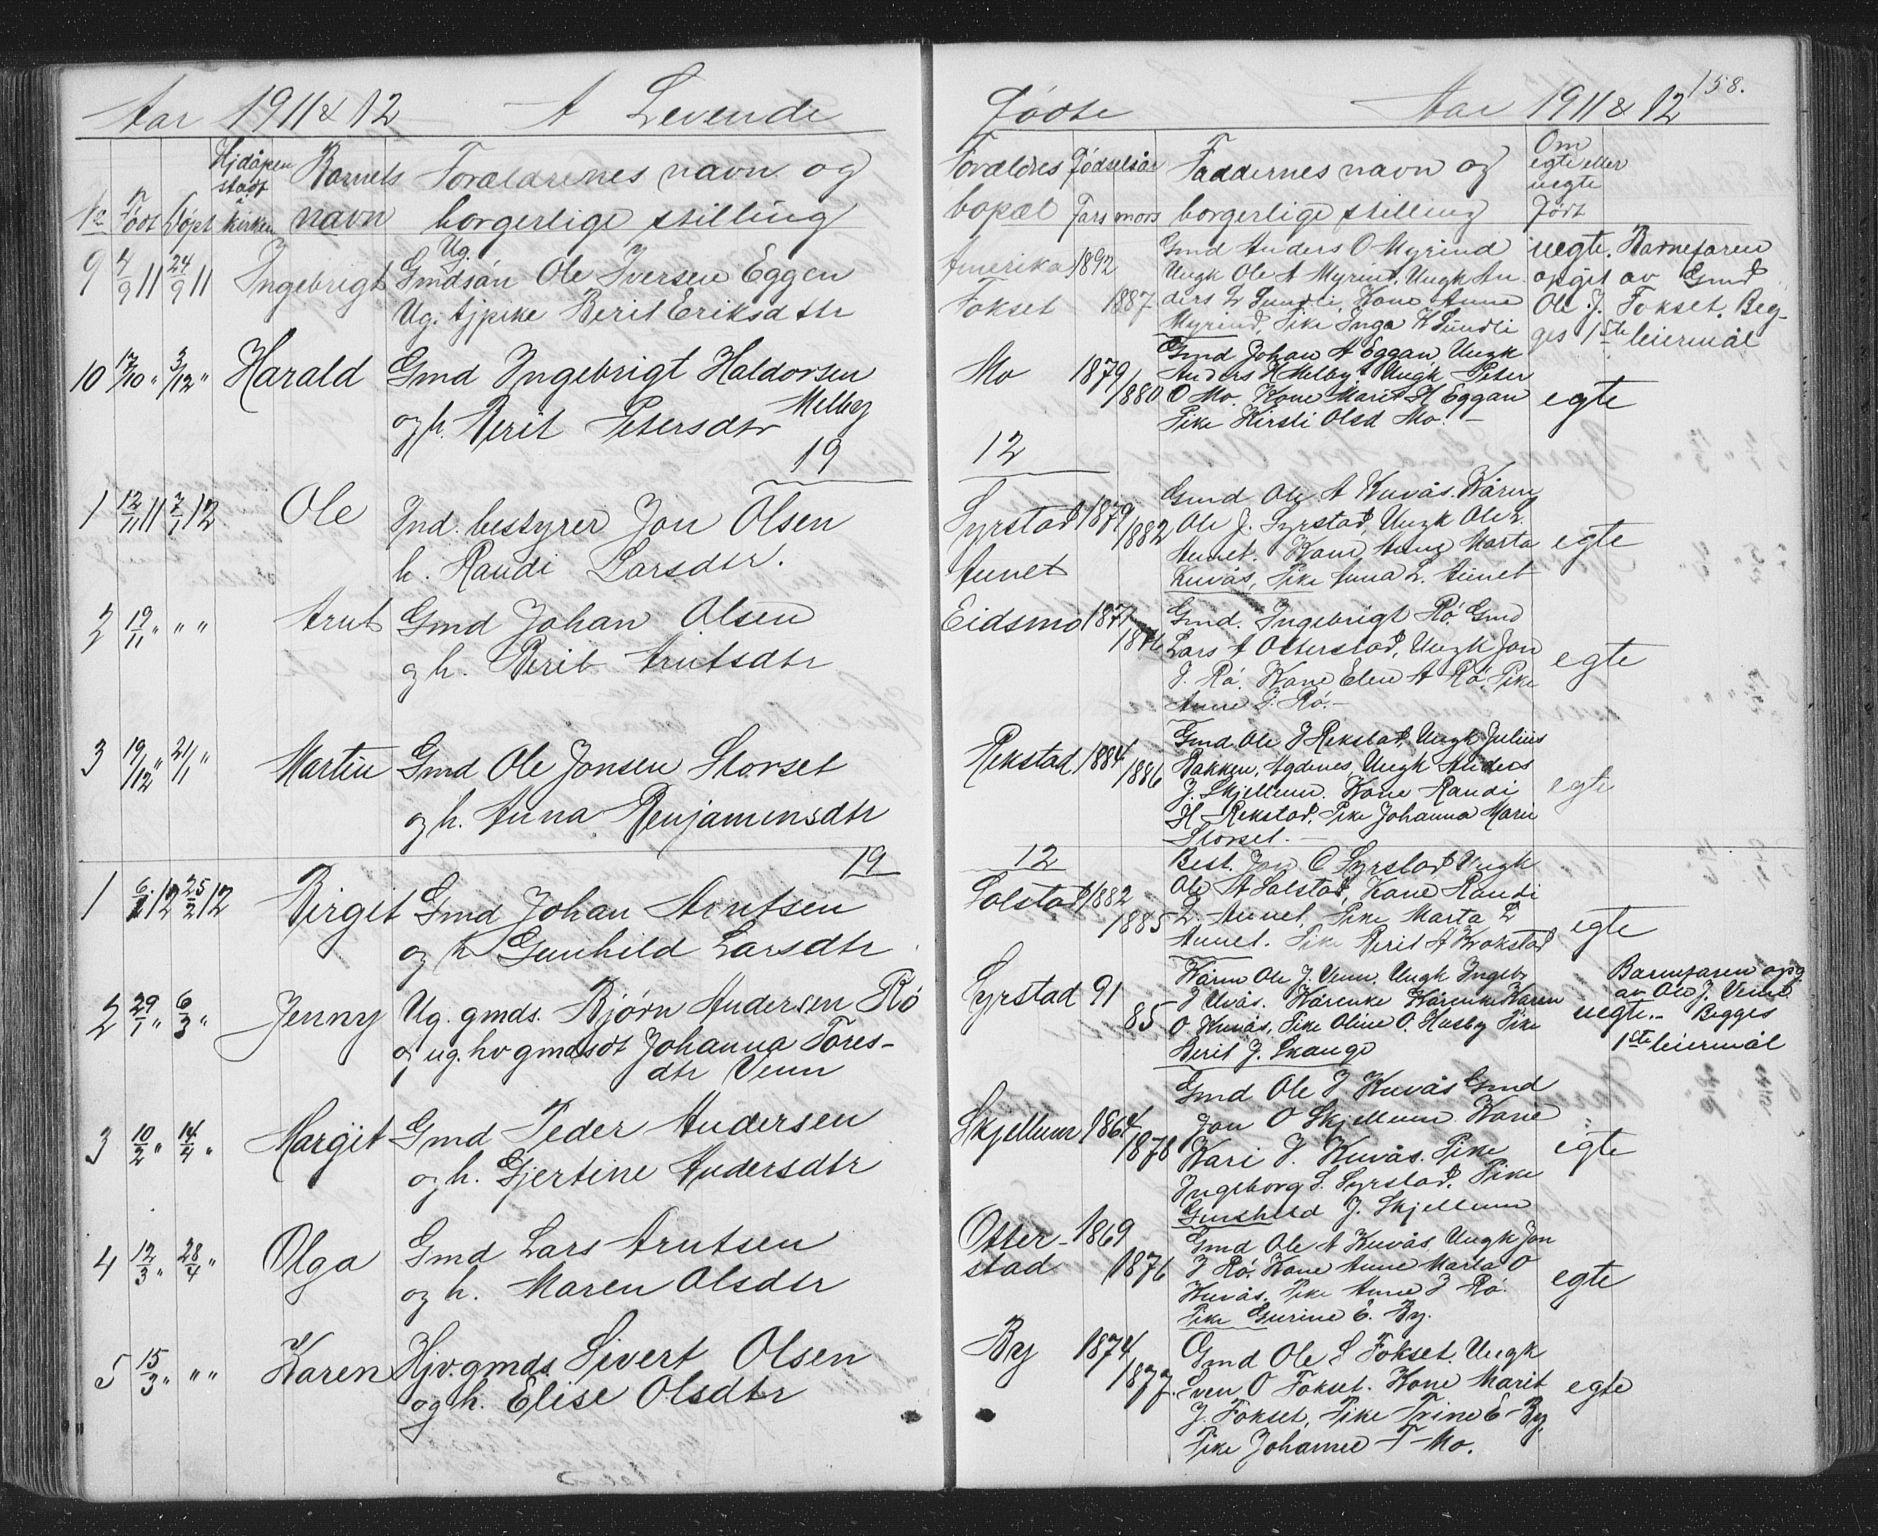 SAT, Ministerialprotokoller, klokkerbøker og fødselsregistre - Sør-Trøndelag, 667/L0798: Klokkerbok nr. 667C03, 1867-1929, s. 158